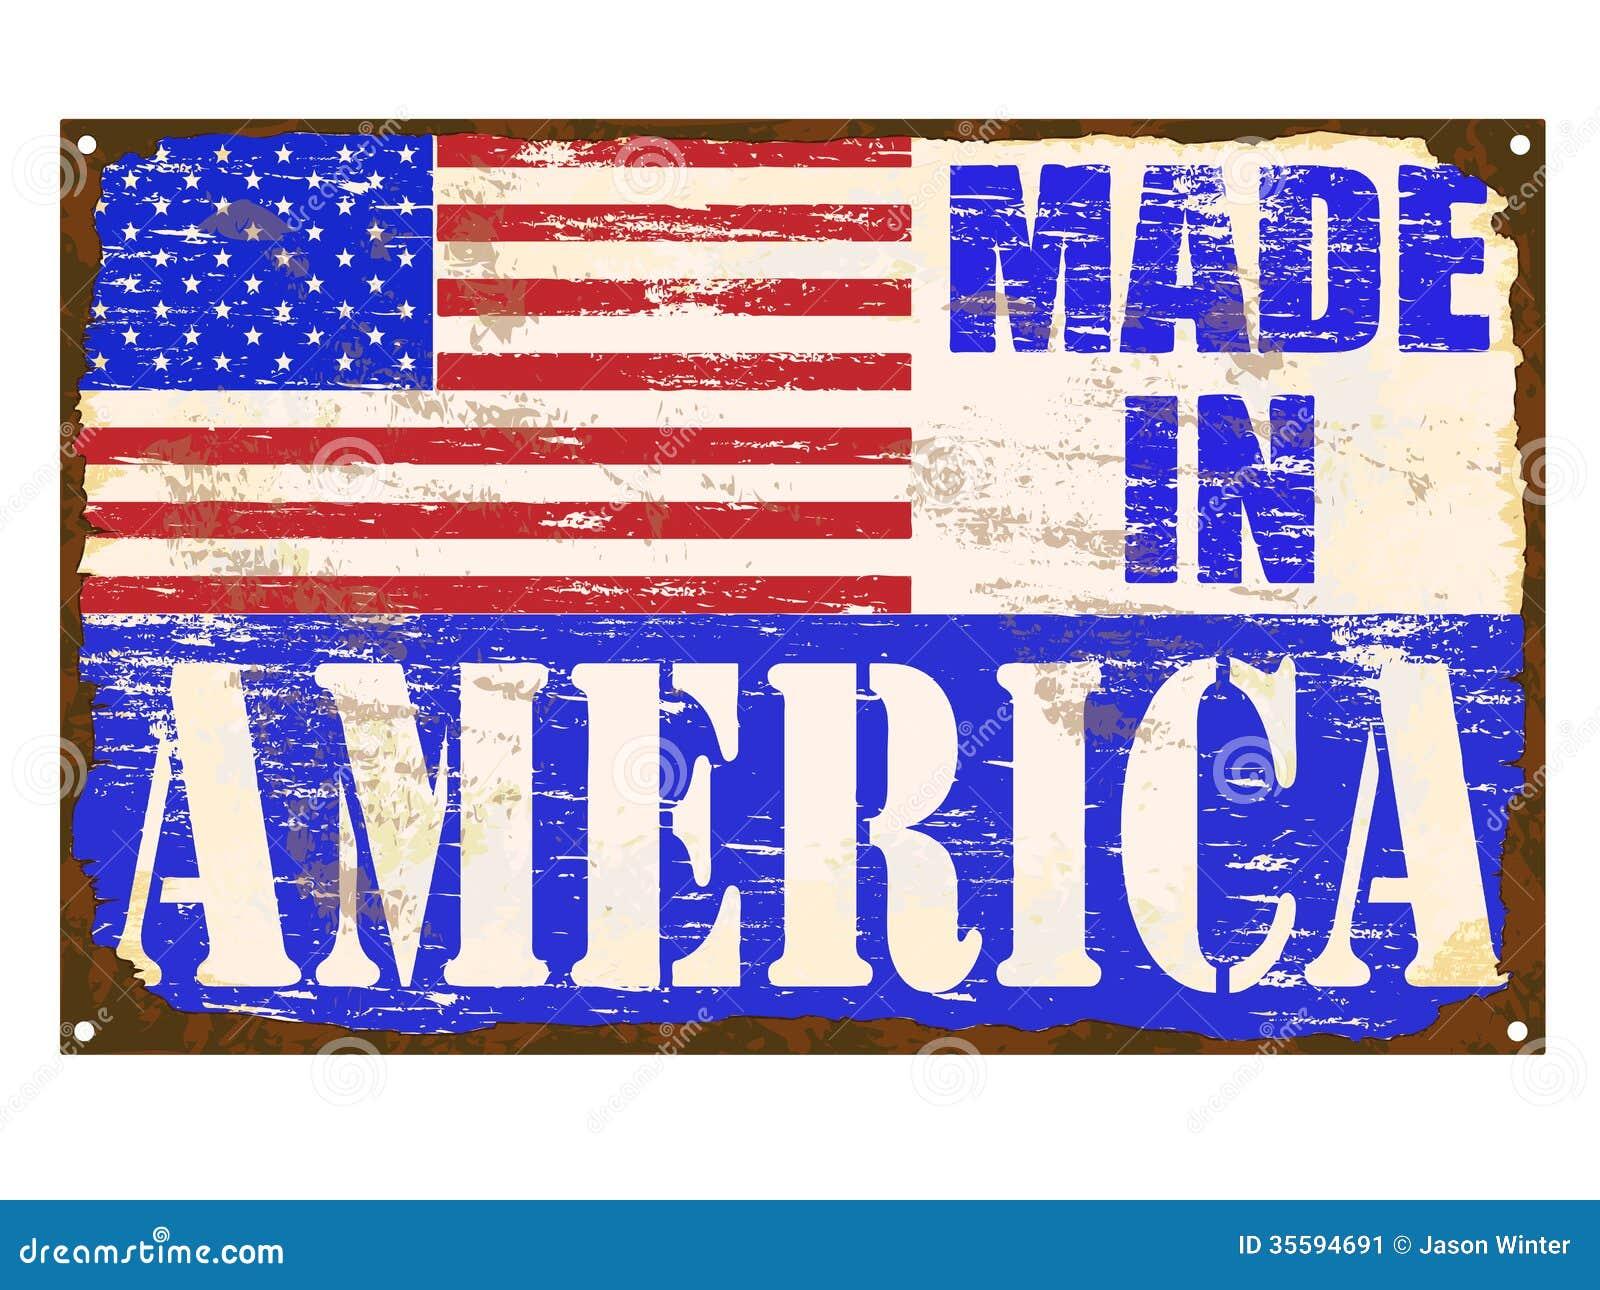 made in america enamel sign stock vector illustration 35594691. Black Bedroom Furniture Sets. Home Design Ideas